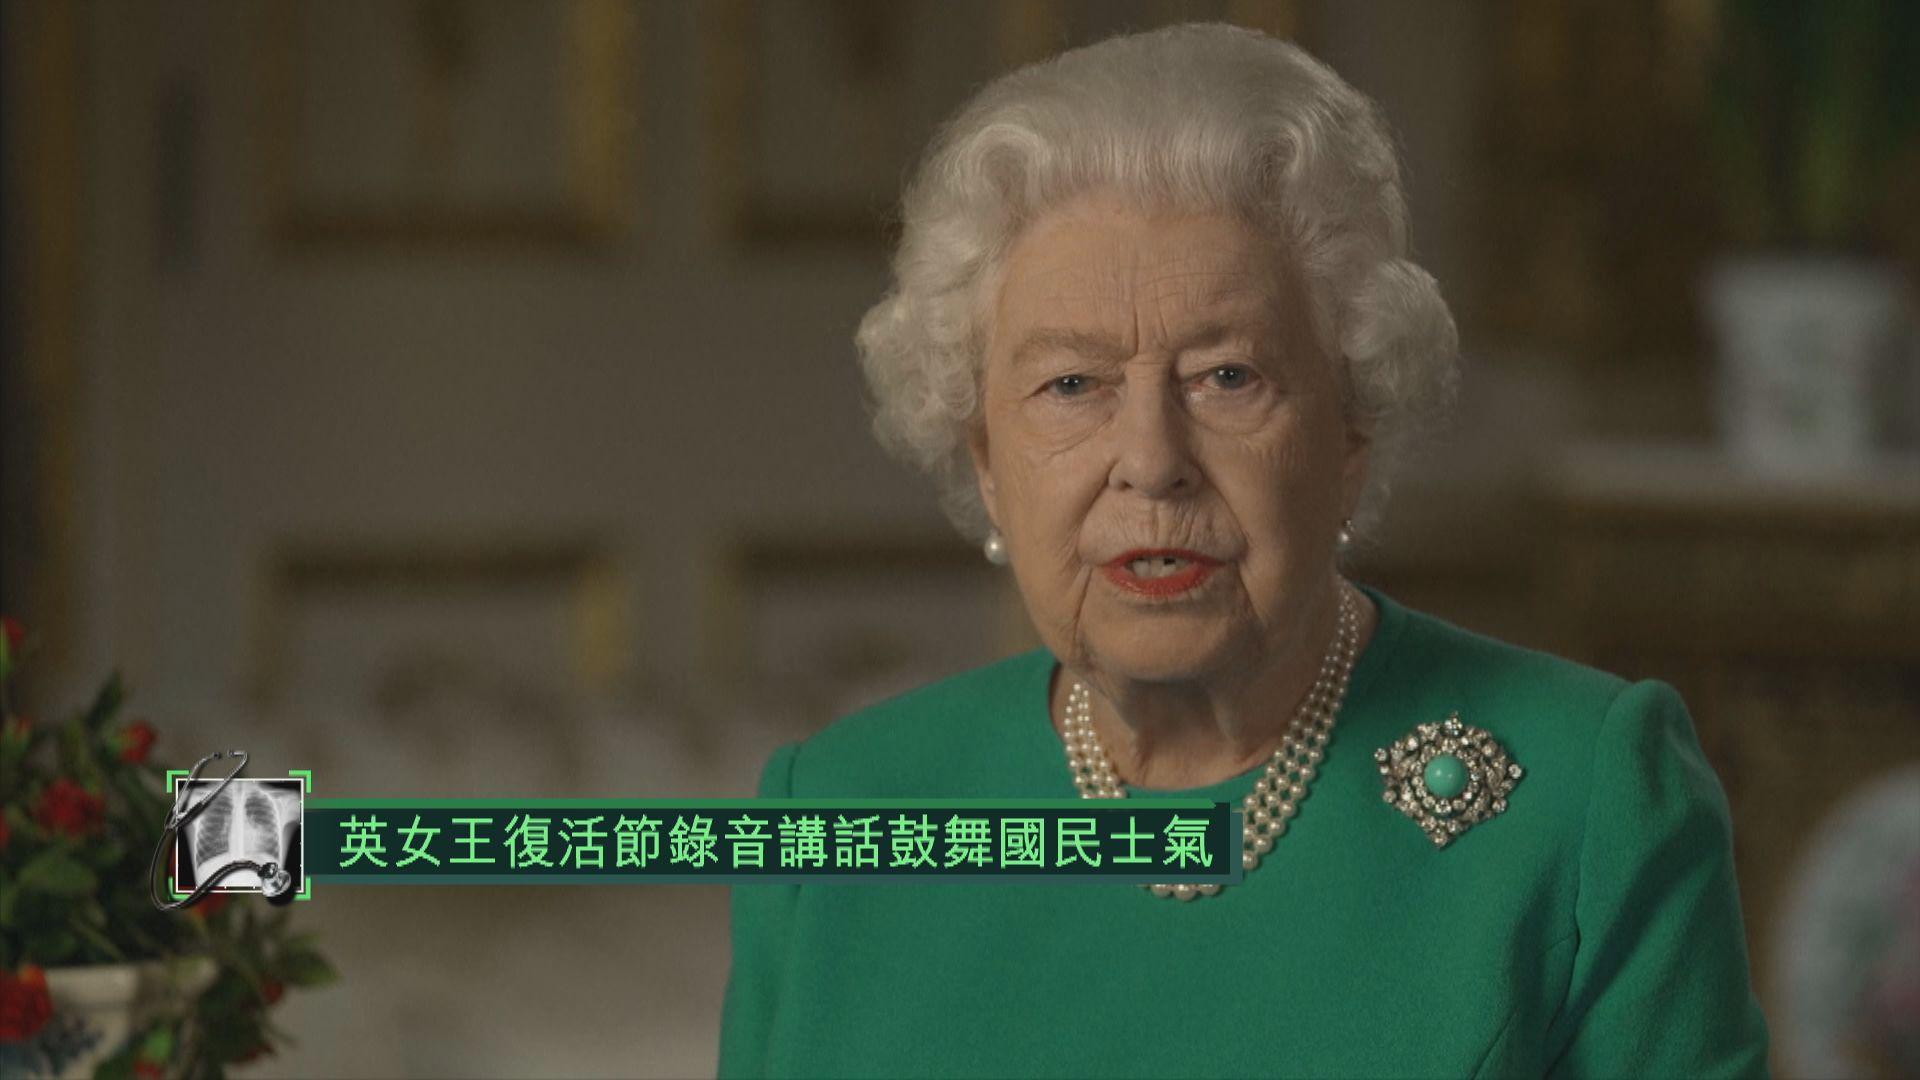 英女王首度發表復活節錄音講話 鼓勵國民齊心抗疫